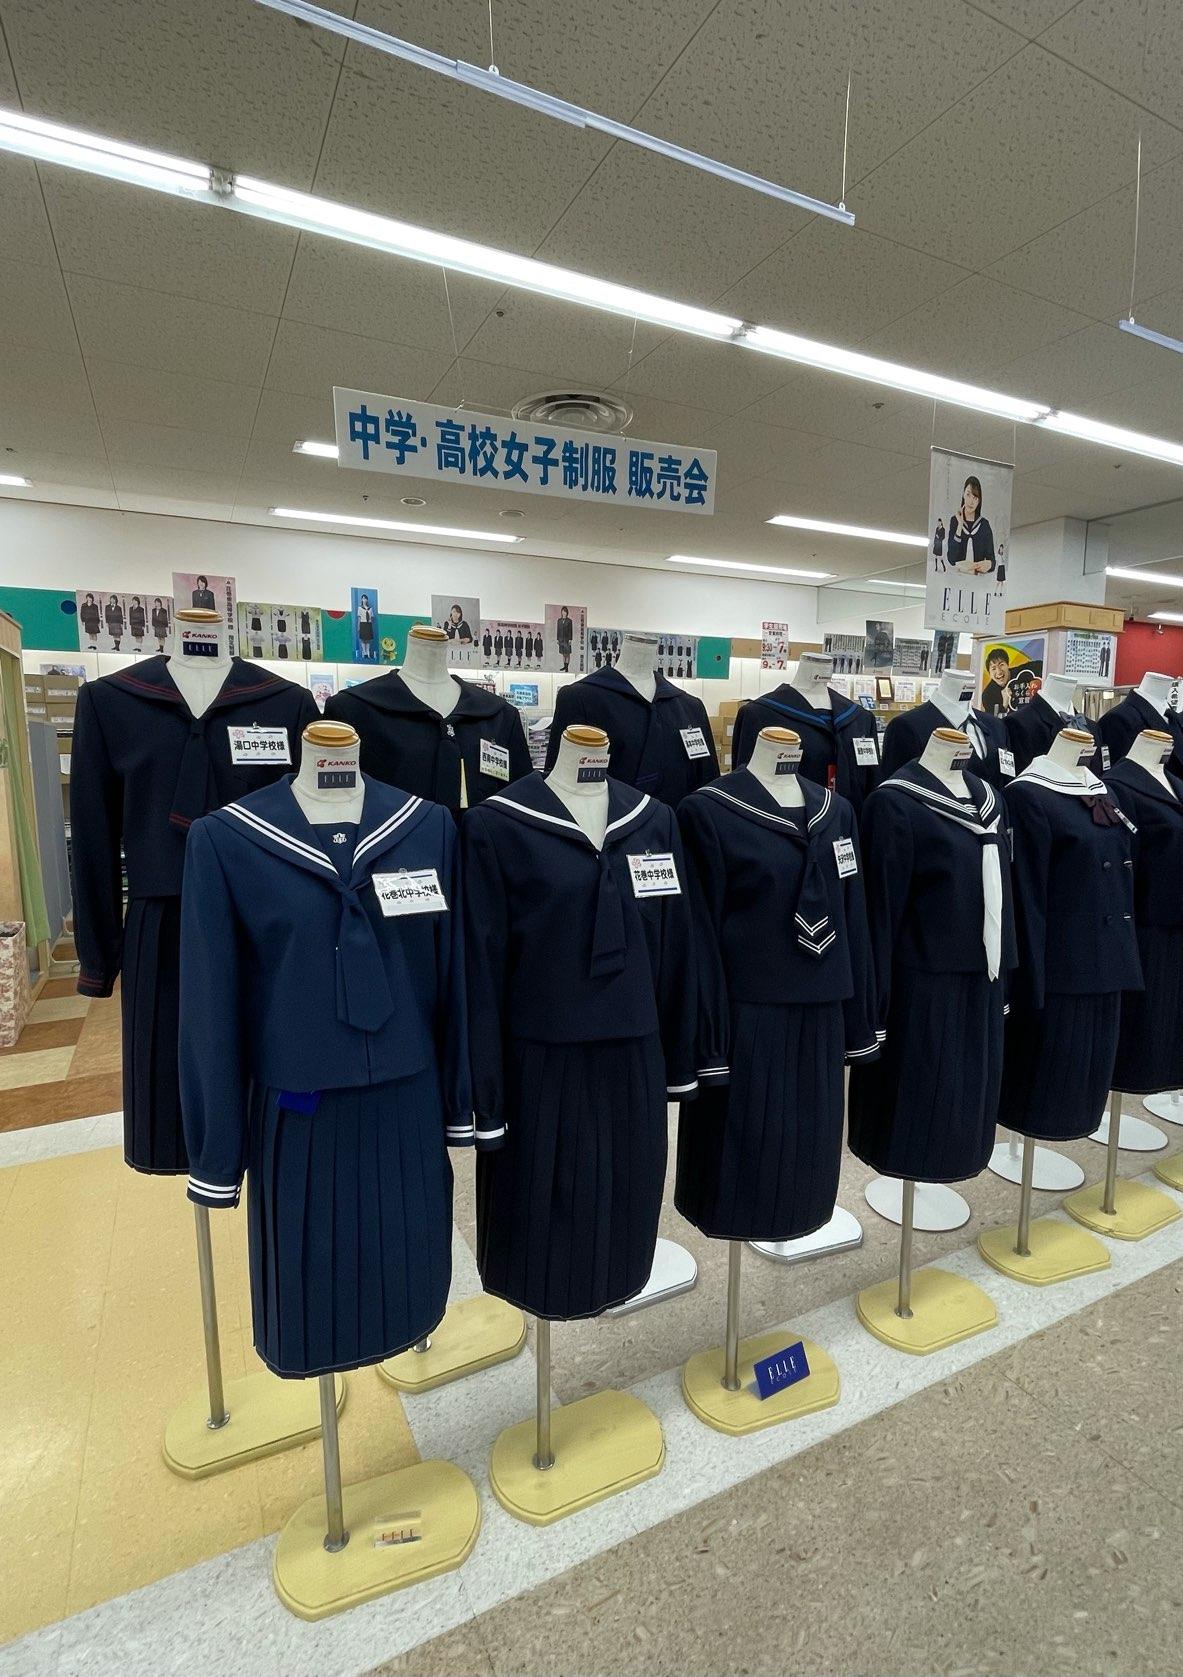 中学校女子制服